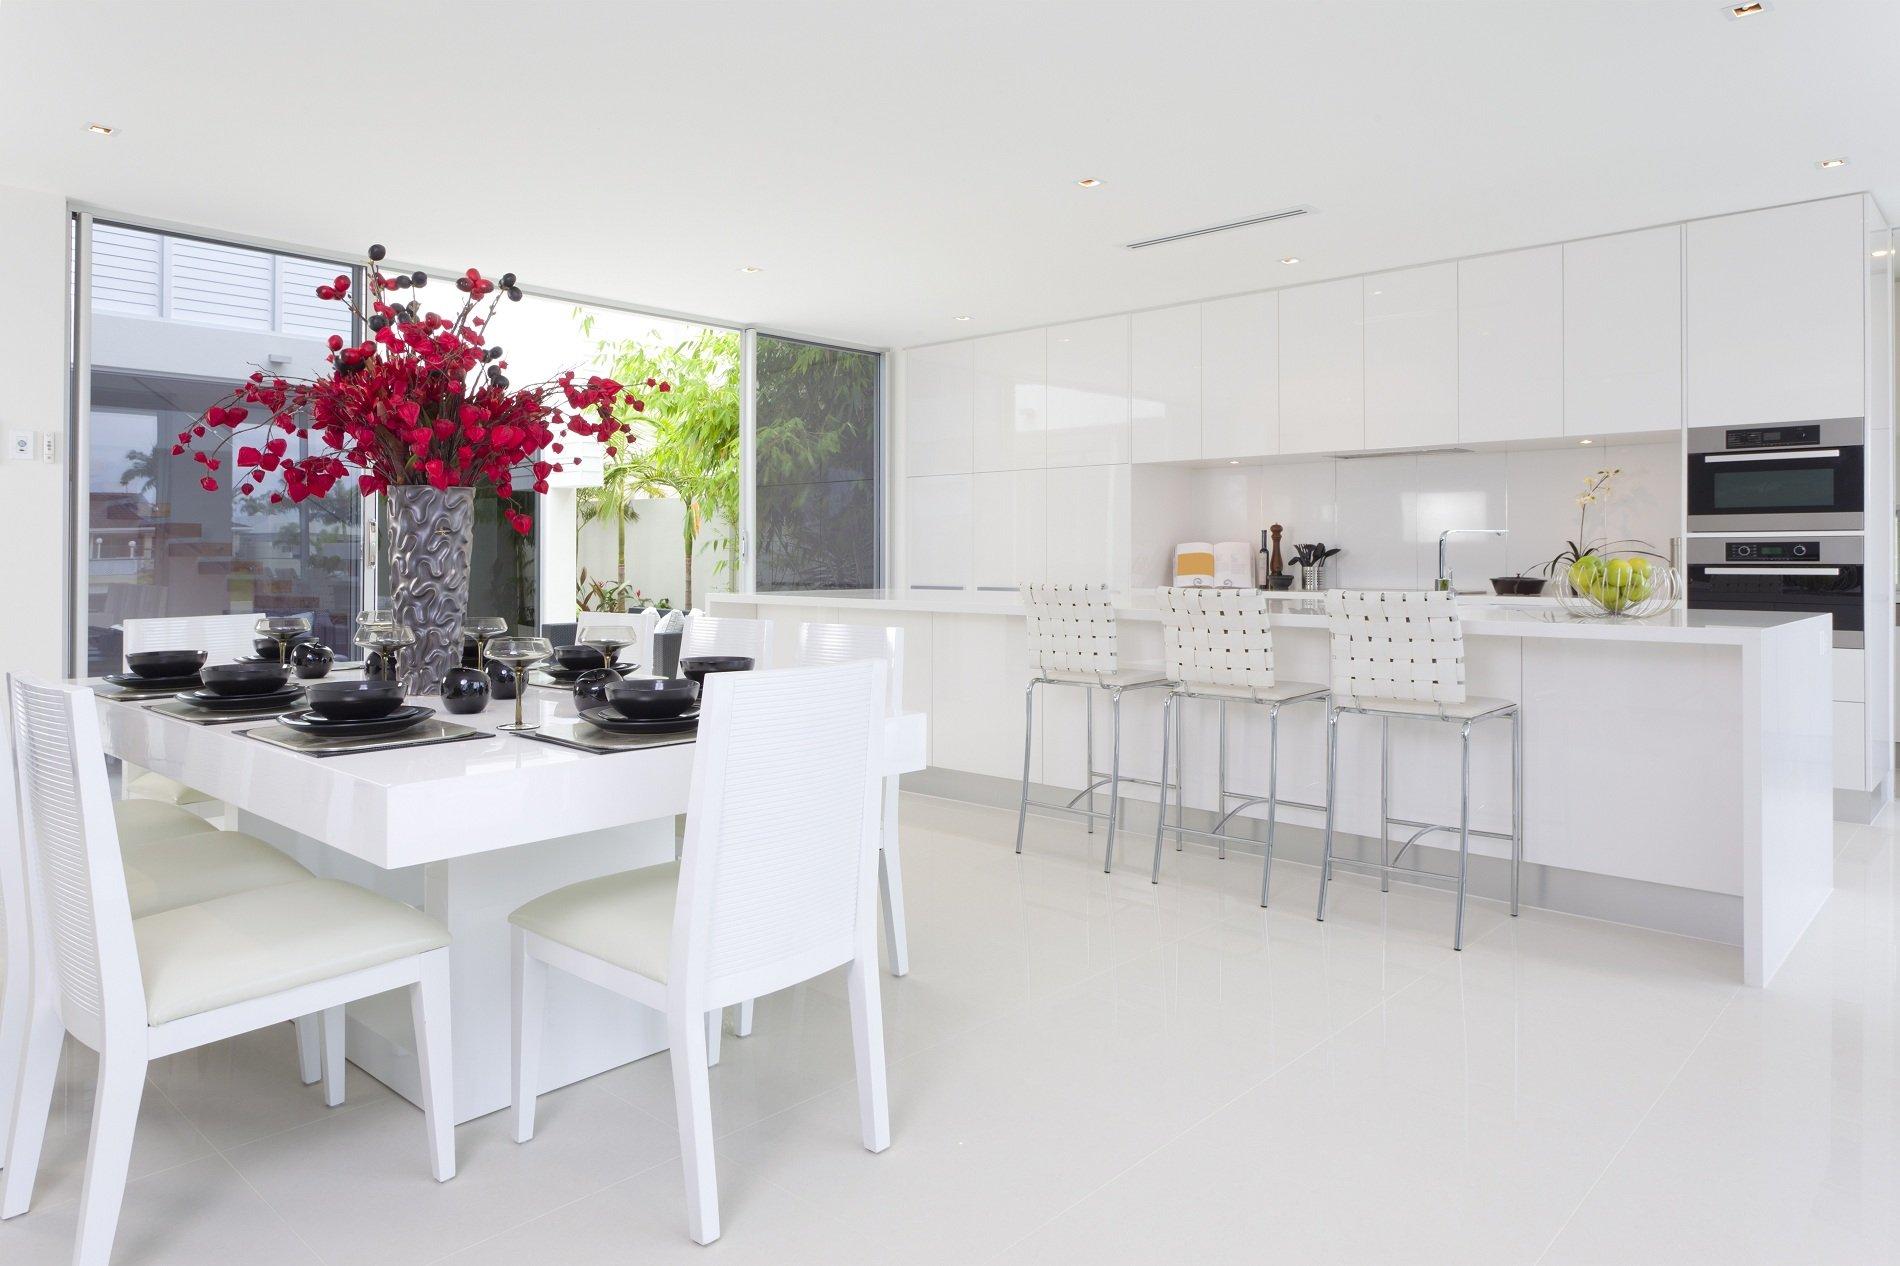 un'ampia cucina con mobili bianchi tre sedie alte e un tavolo con delle sedie